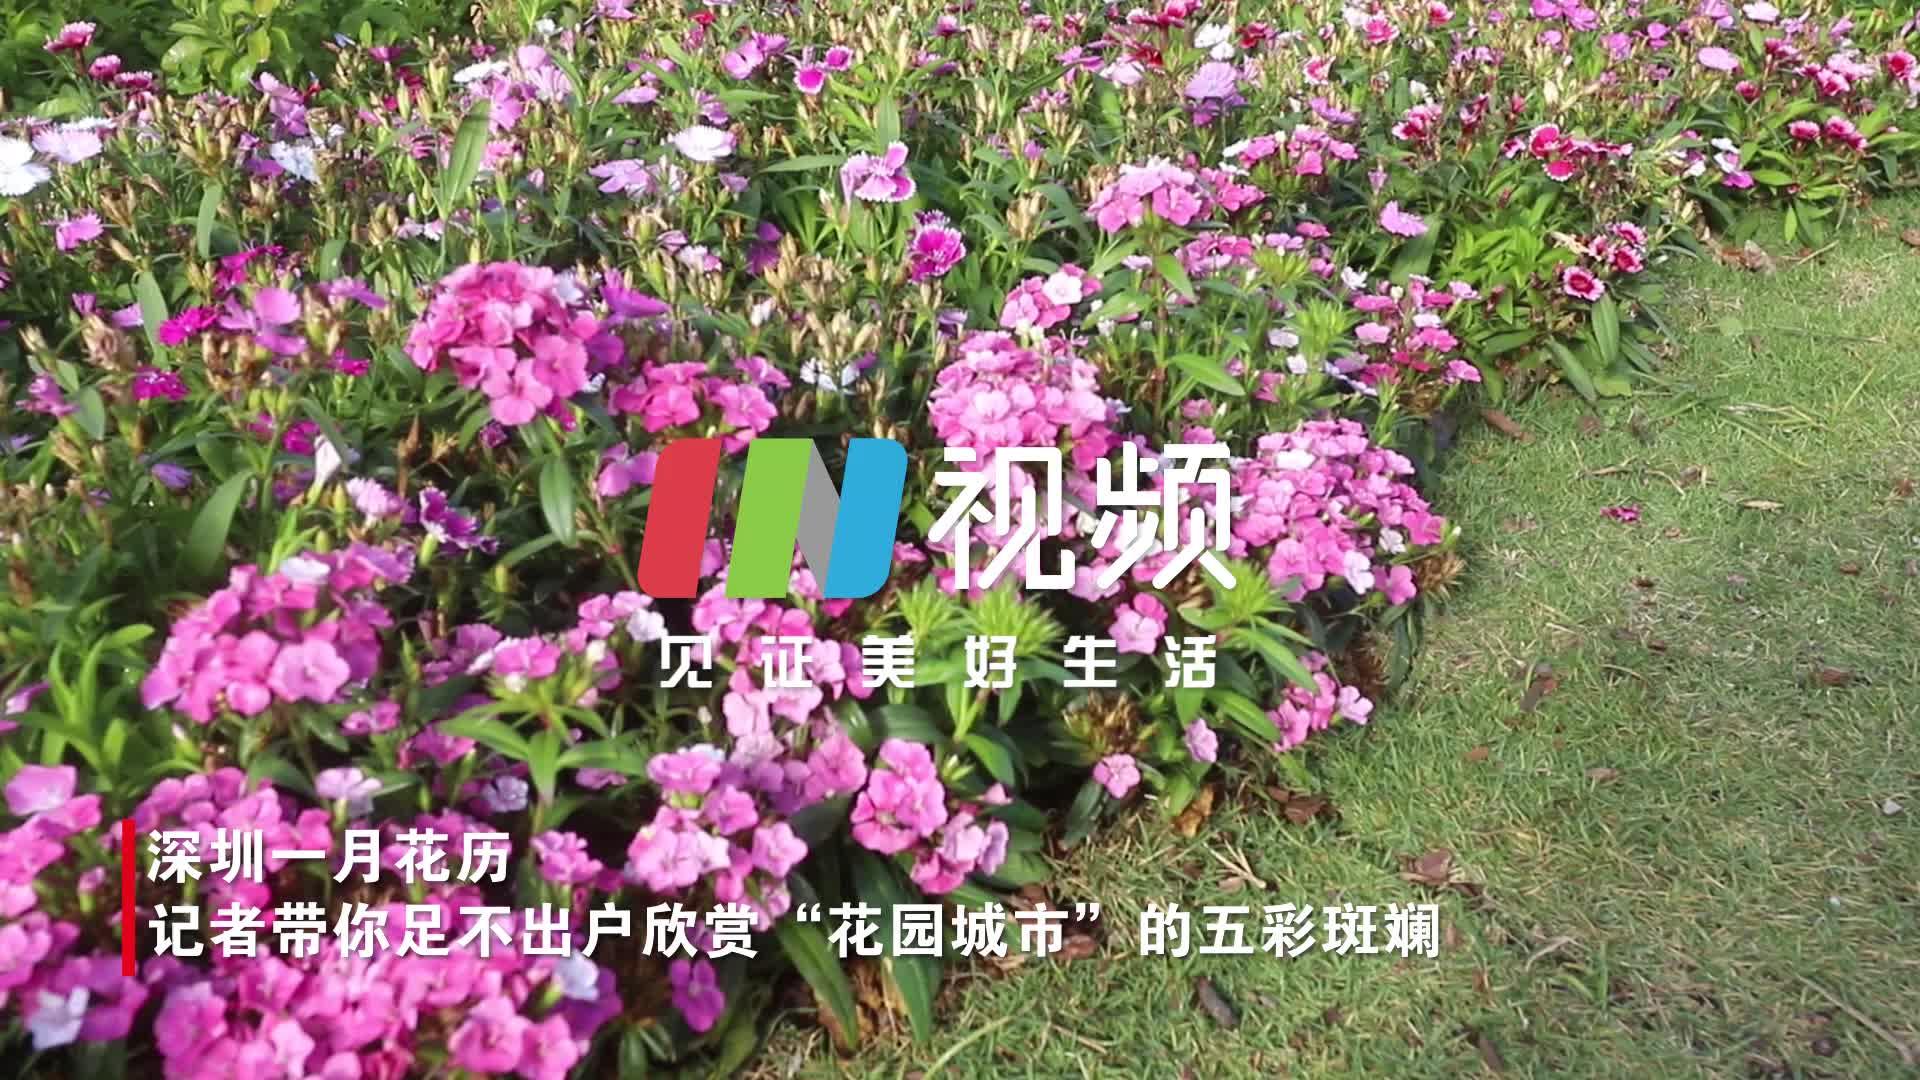 一月深圳赏花指南   春梅、火焰木、紫绣球……这份攻略请收下